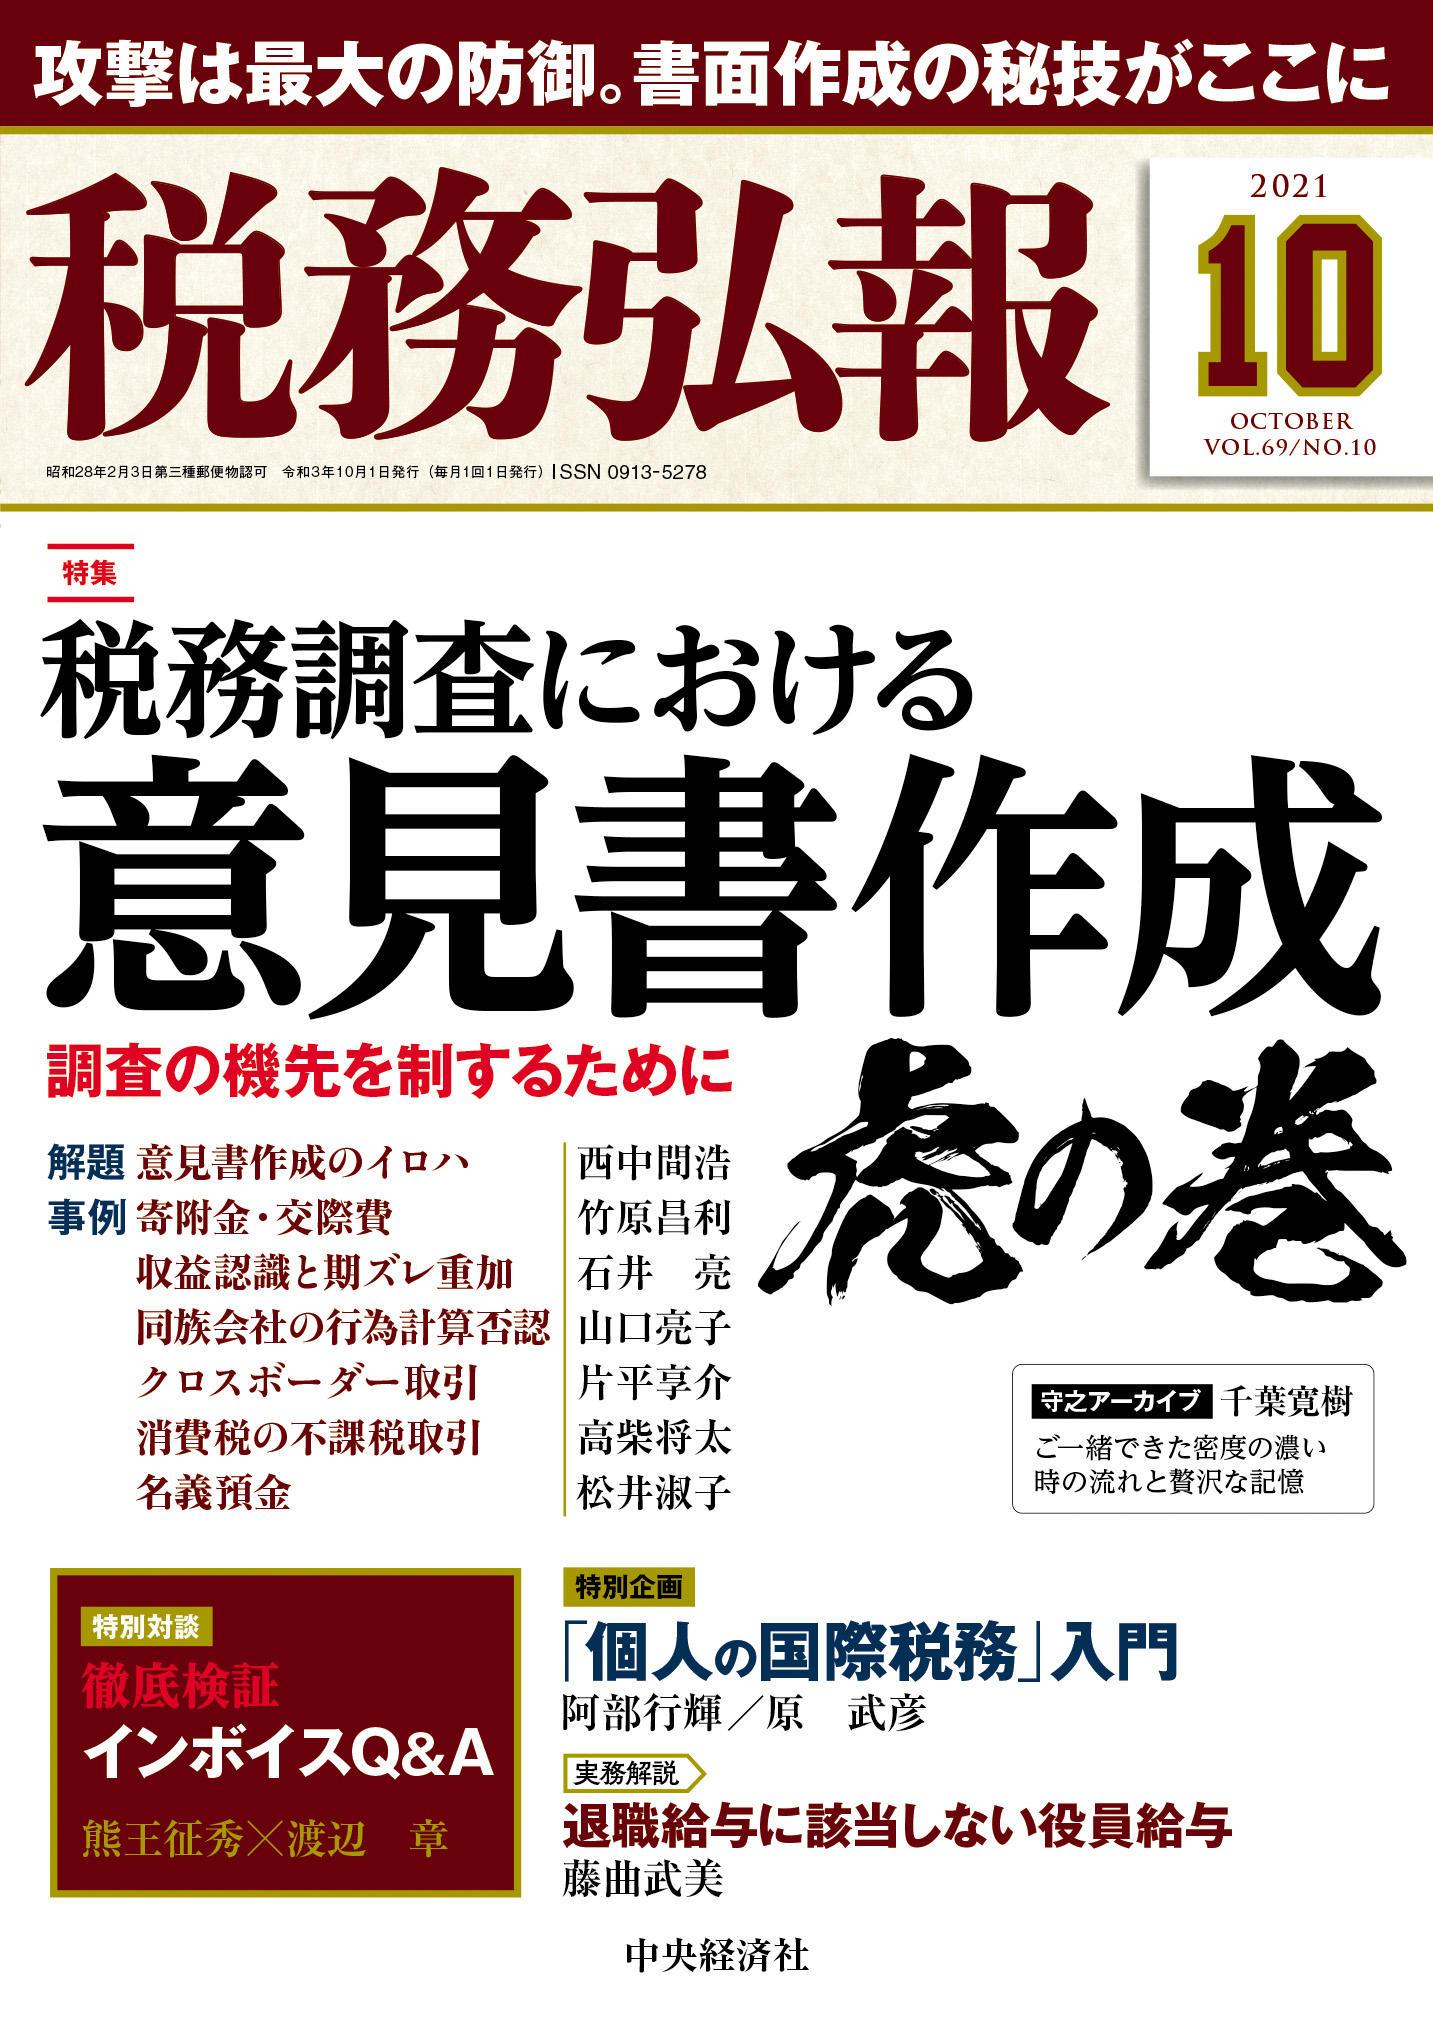 『税務弘報』10月号